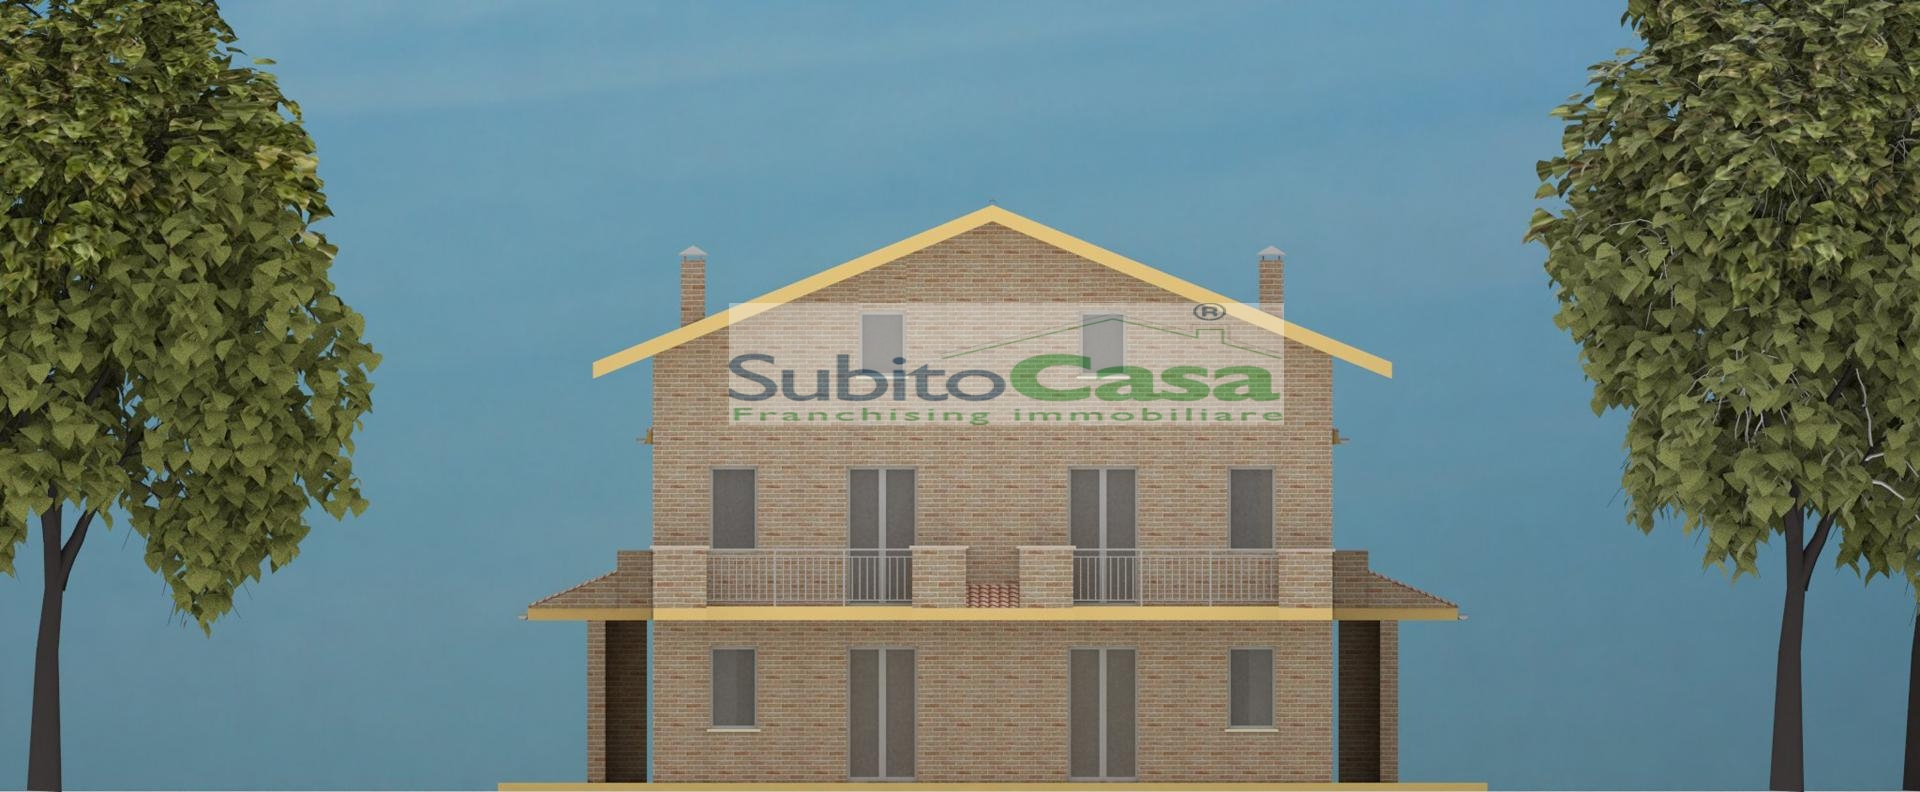 Terreno Edificabile Residenziale in vendita a Chieti, 7 locali, zona Località: ZonaTricalle, prezzo € 80.000 | CambioCasa.it